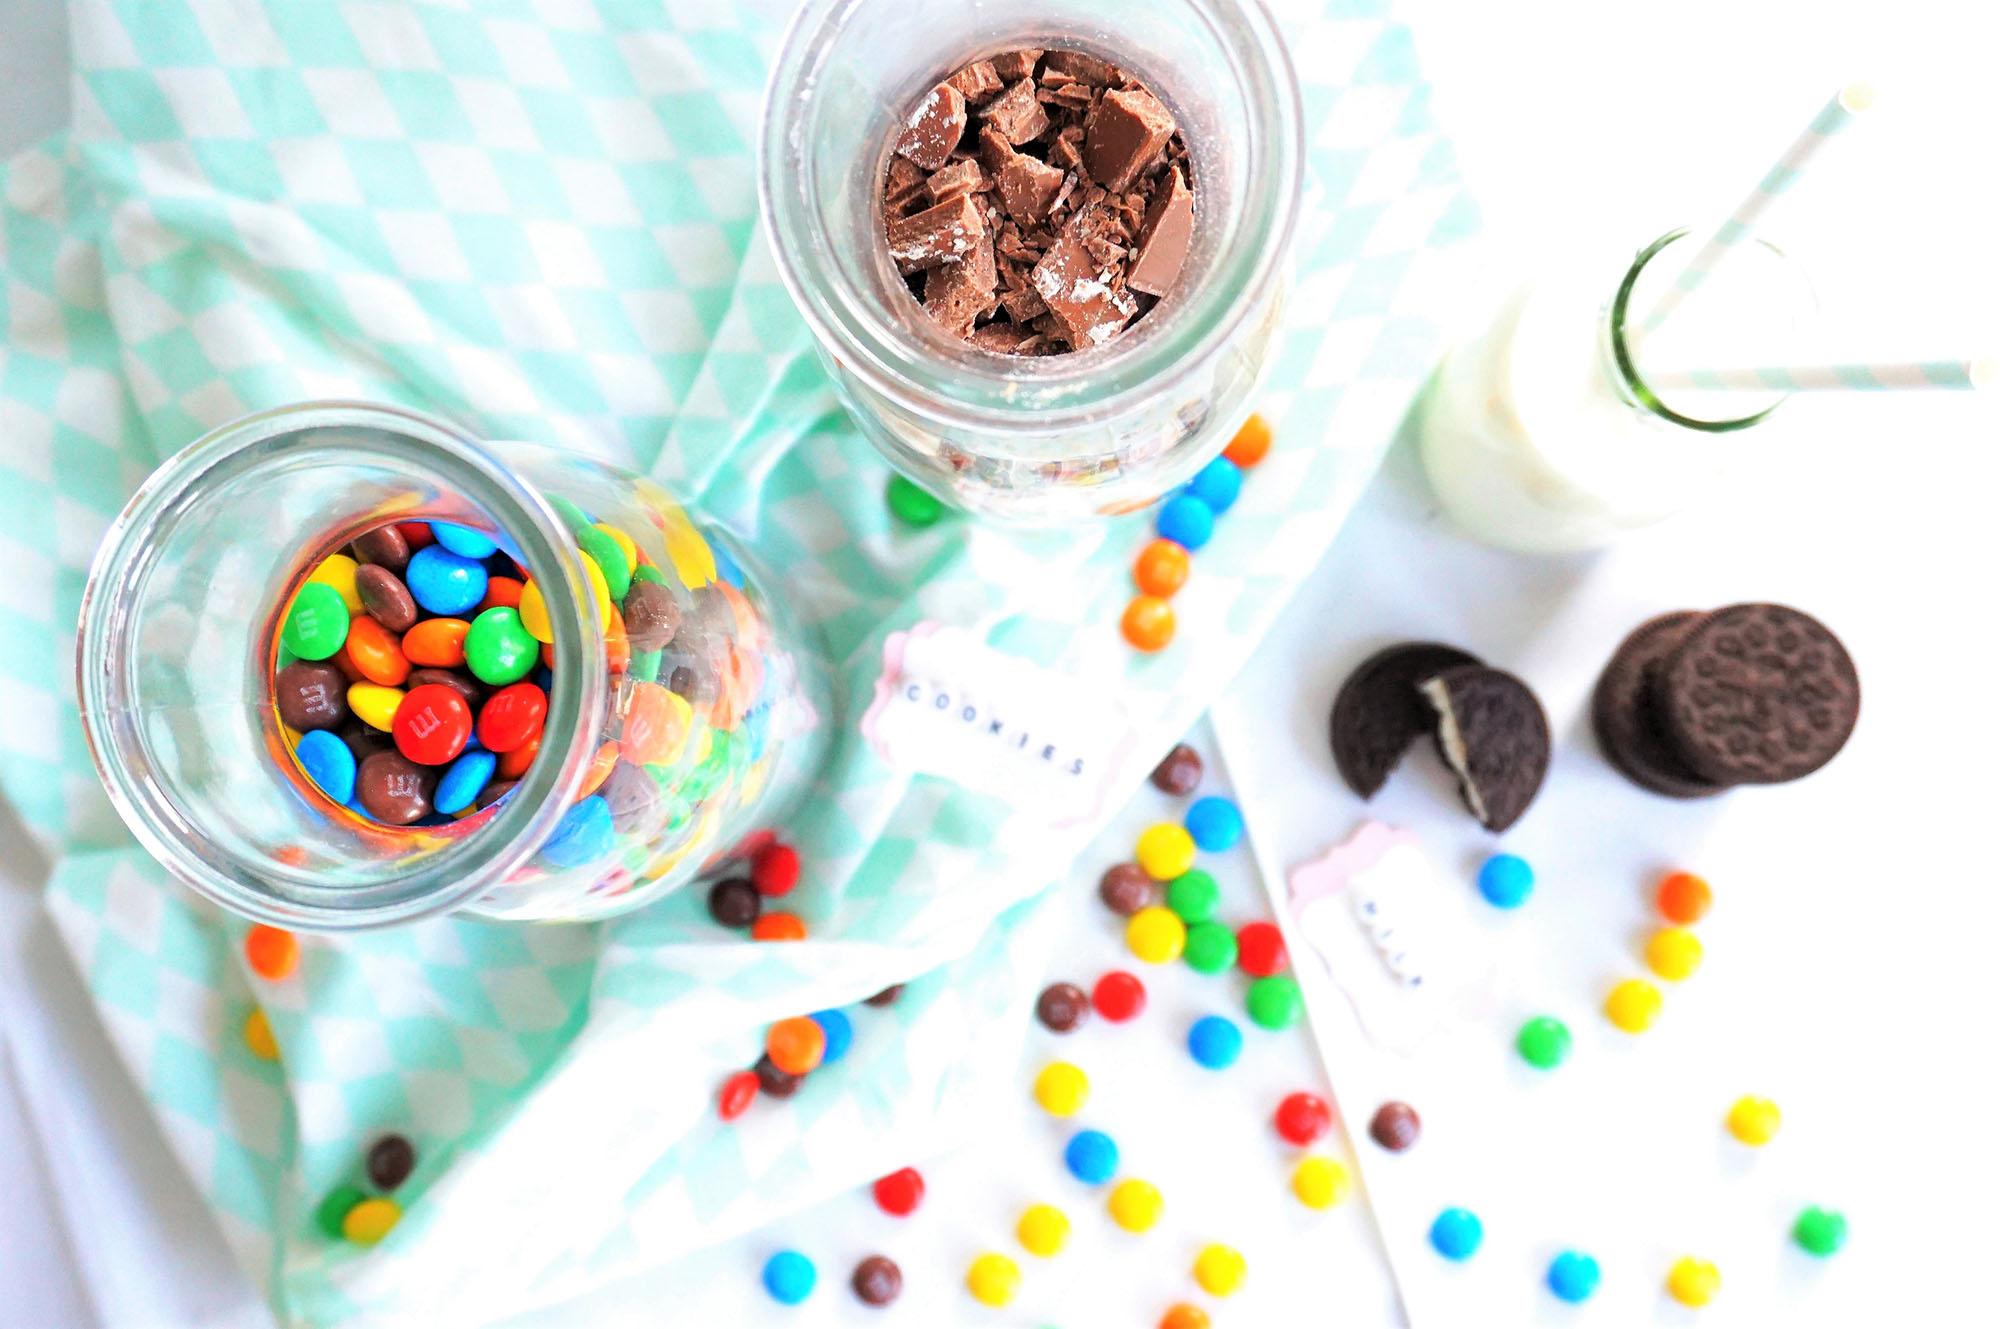 Backmischung im Glas: Cookies mit Schokolade